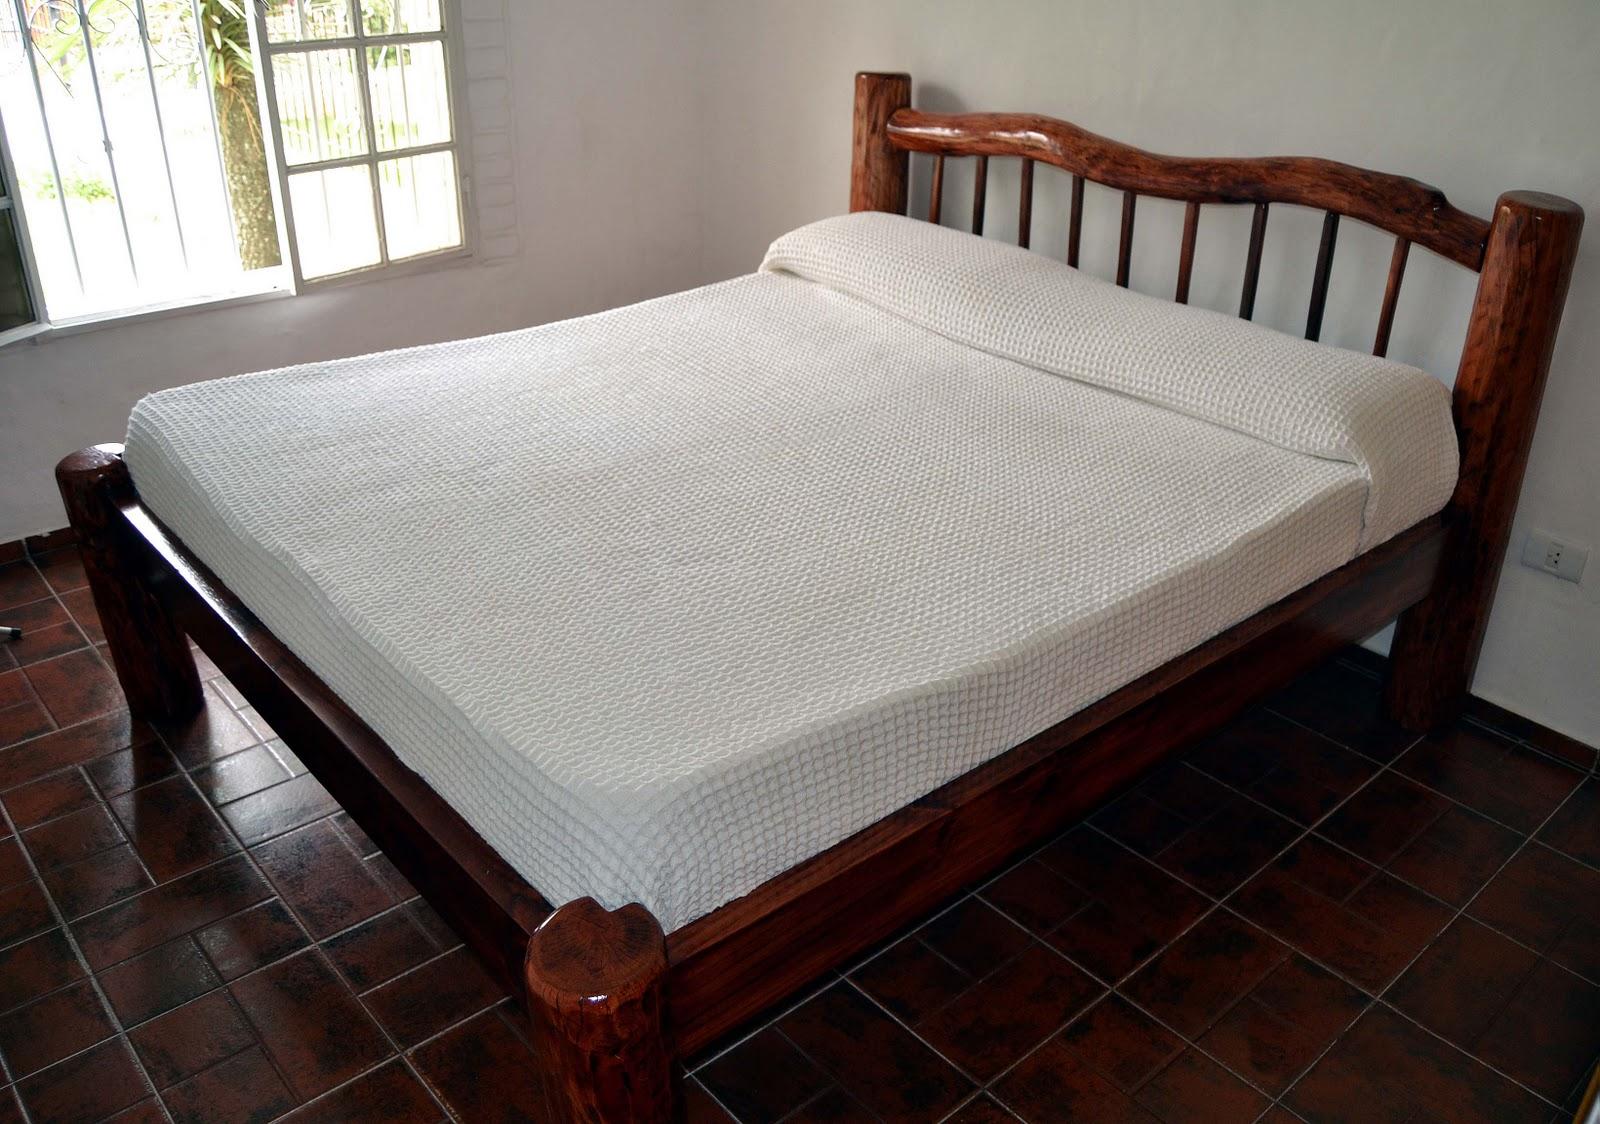 Muebles de quebracho colorado cama matrimonial for Cama matrimonial precio